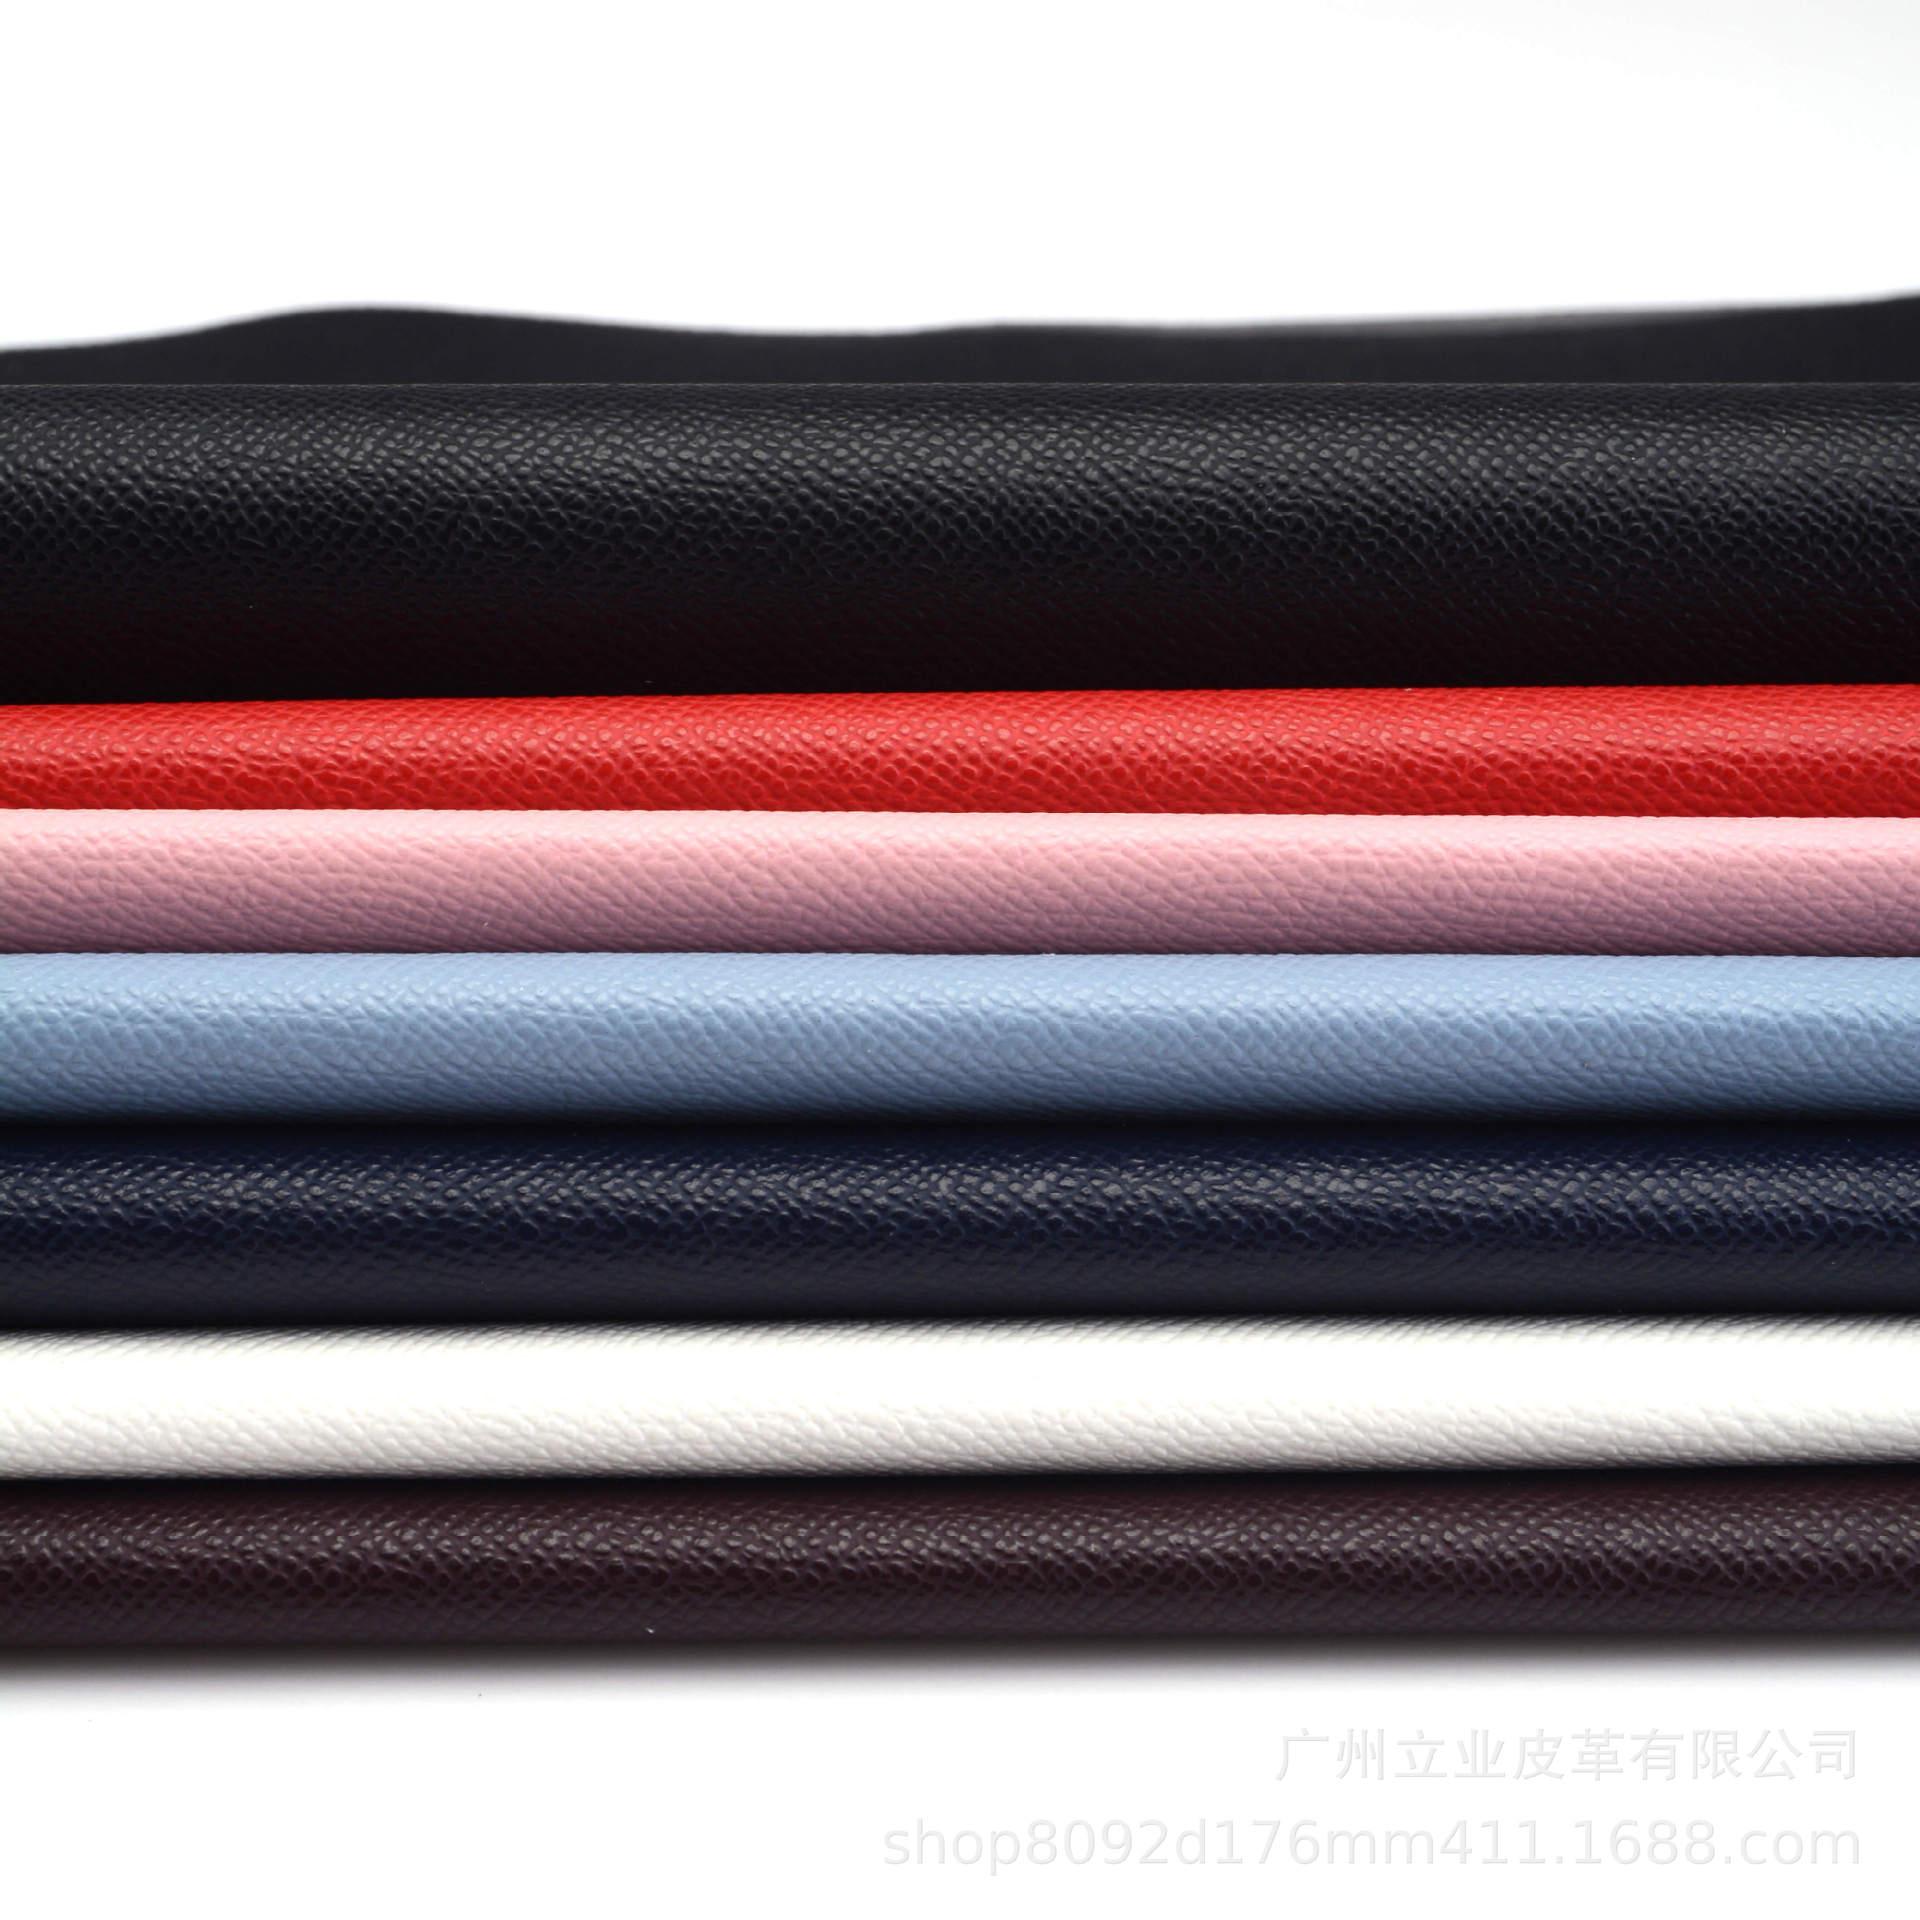 LIYE da Nhà máy Cửa hàng Mô phỏng Da Palm In Vải Microfiber Leather Túi 0.8mm, Ô tô, Giày dép, Nội t